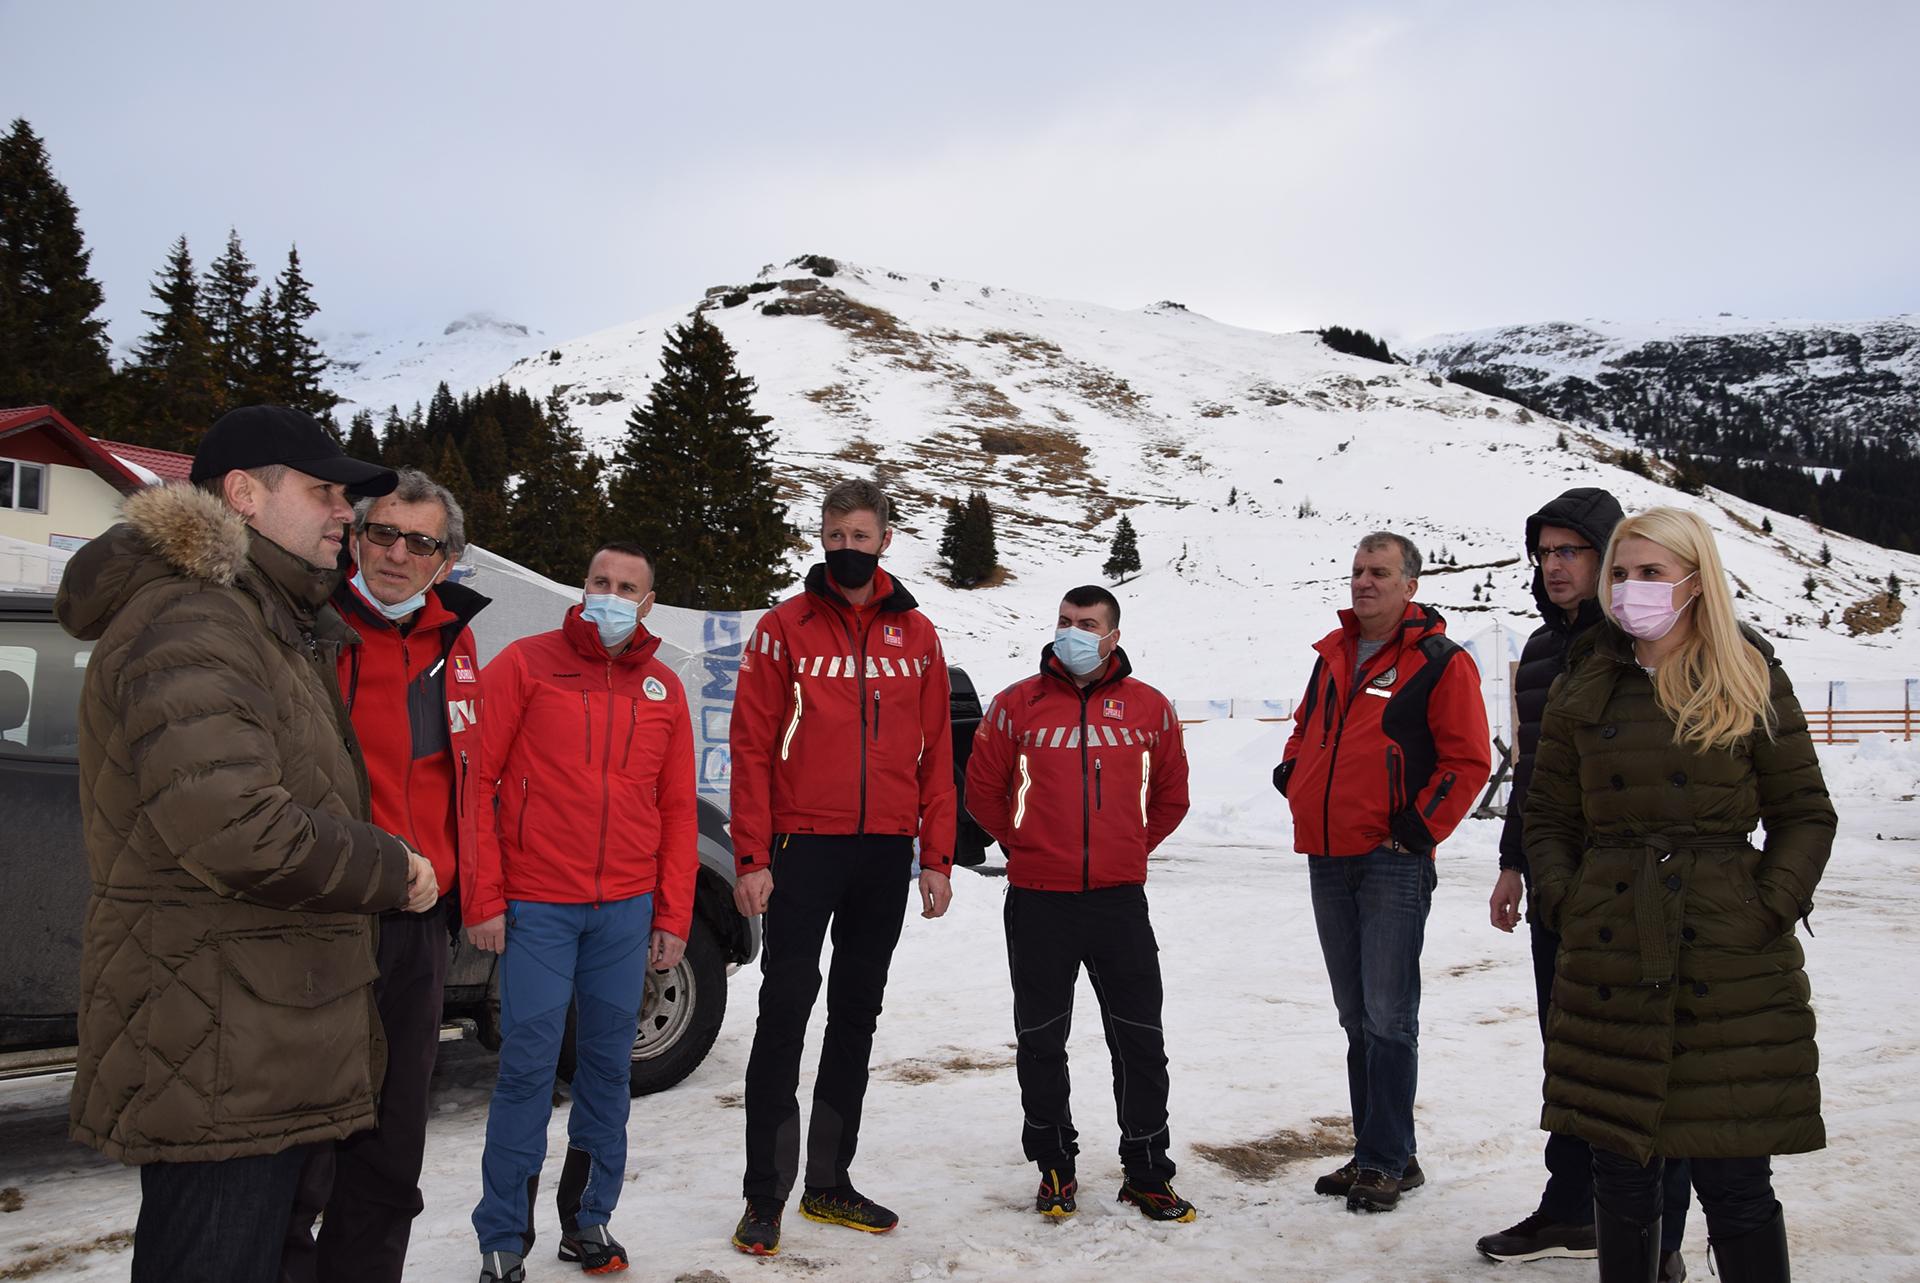 Pentru siguranța turiștilor, CJD vine în sprijinul Serviciului Salvamont- Salvaspeo Dâmbovița cu dotări importante